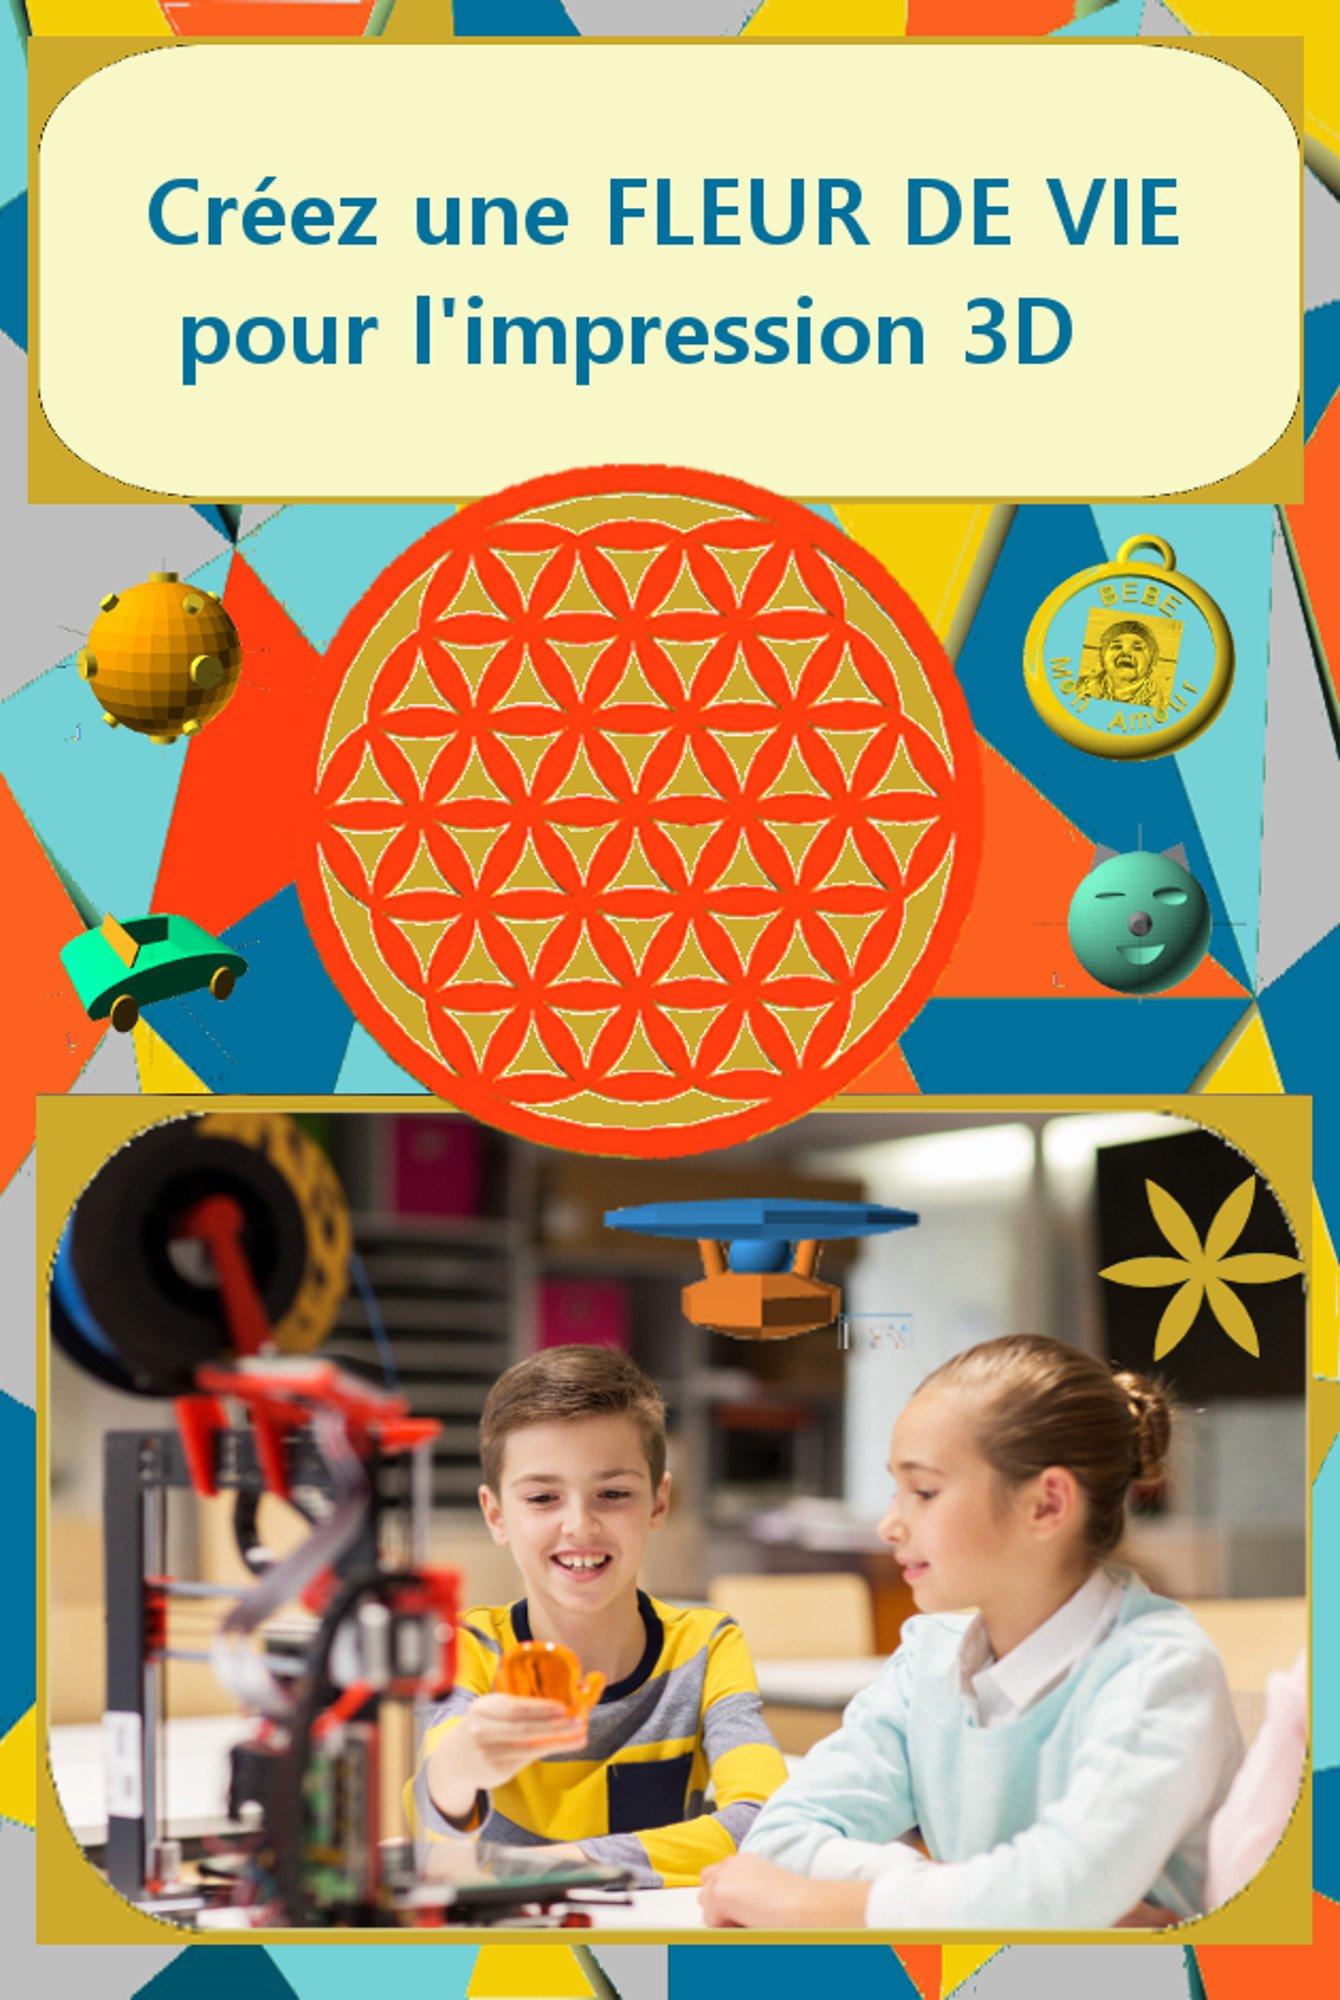 Créez une FLEUR DE VIE pour l'impression 3D: ainsi que 10 autres objets avec OpenSCAD